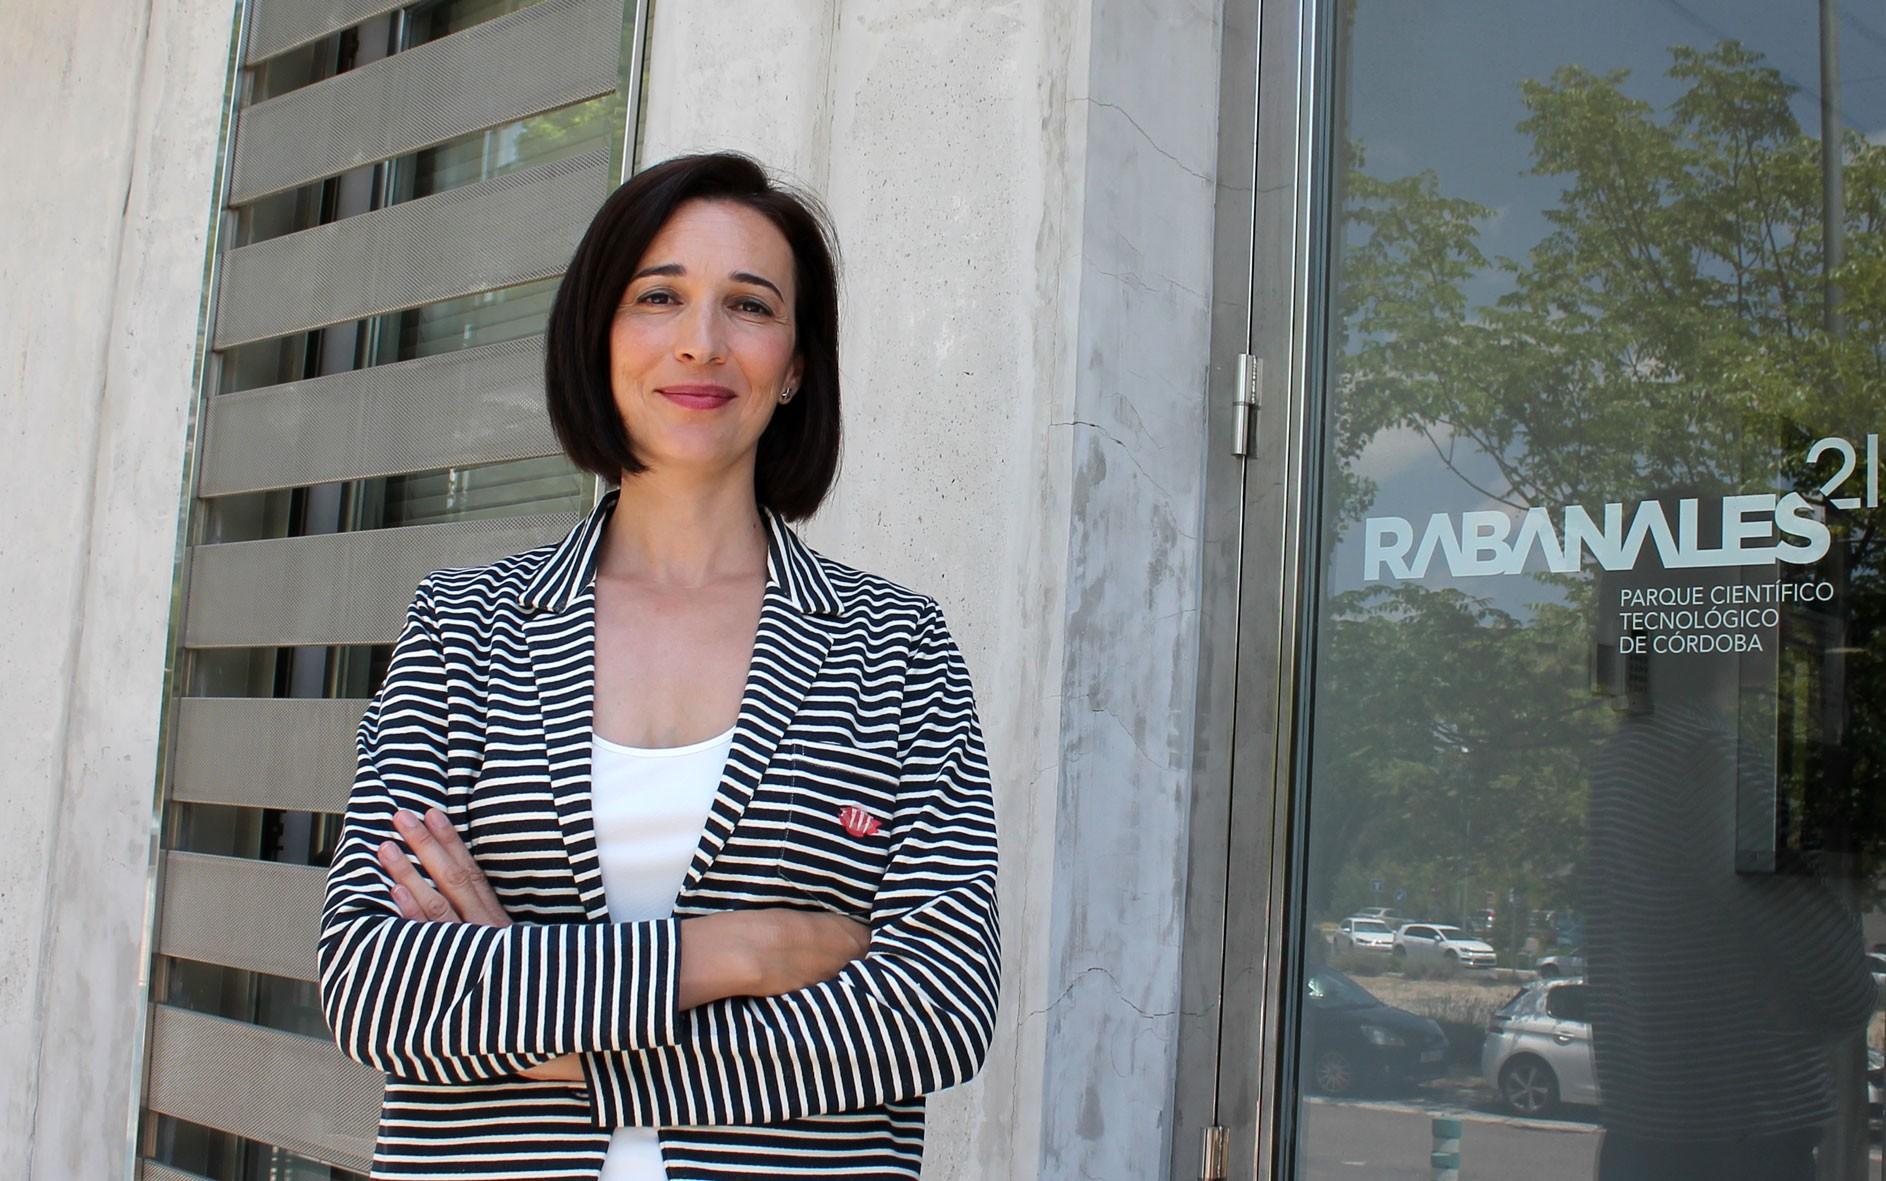 Entrevistamos a Eva Pozo, Directora General de Rabanales 21